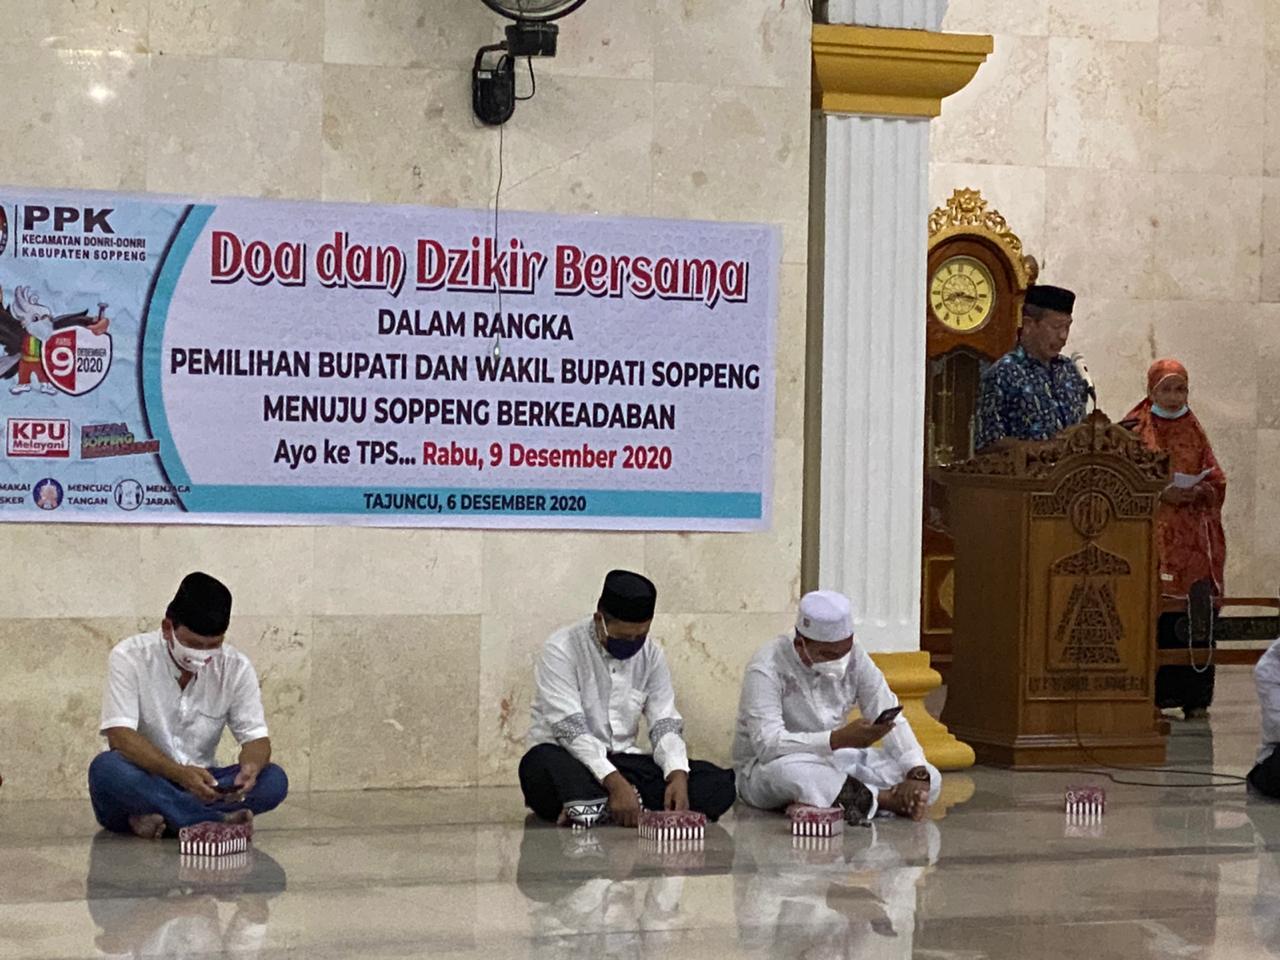 Tidak Jumawa Dengan Kinerjanya, KPU Soppeng Gelar Dzikir dan Doa Bersama Untuk Kesuksesan Pilkada 2020